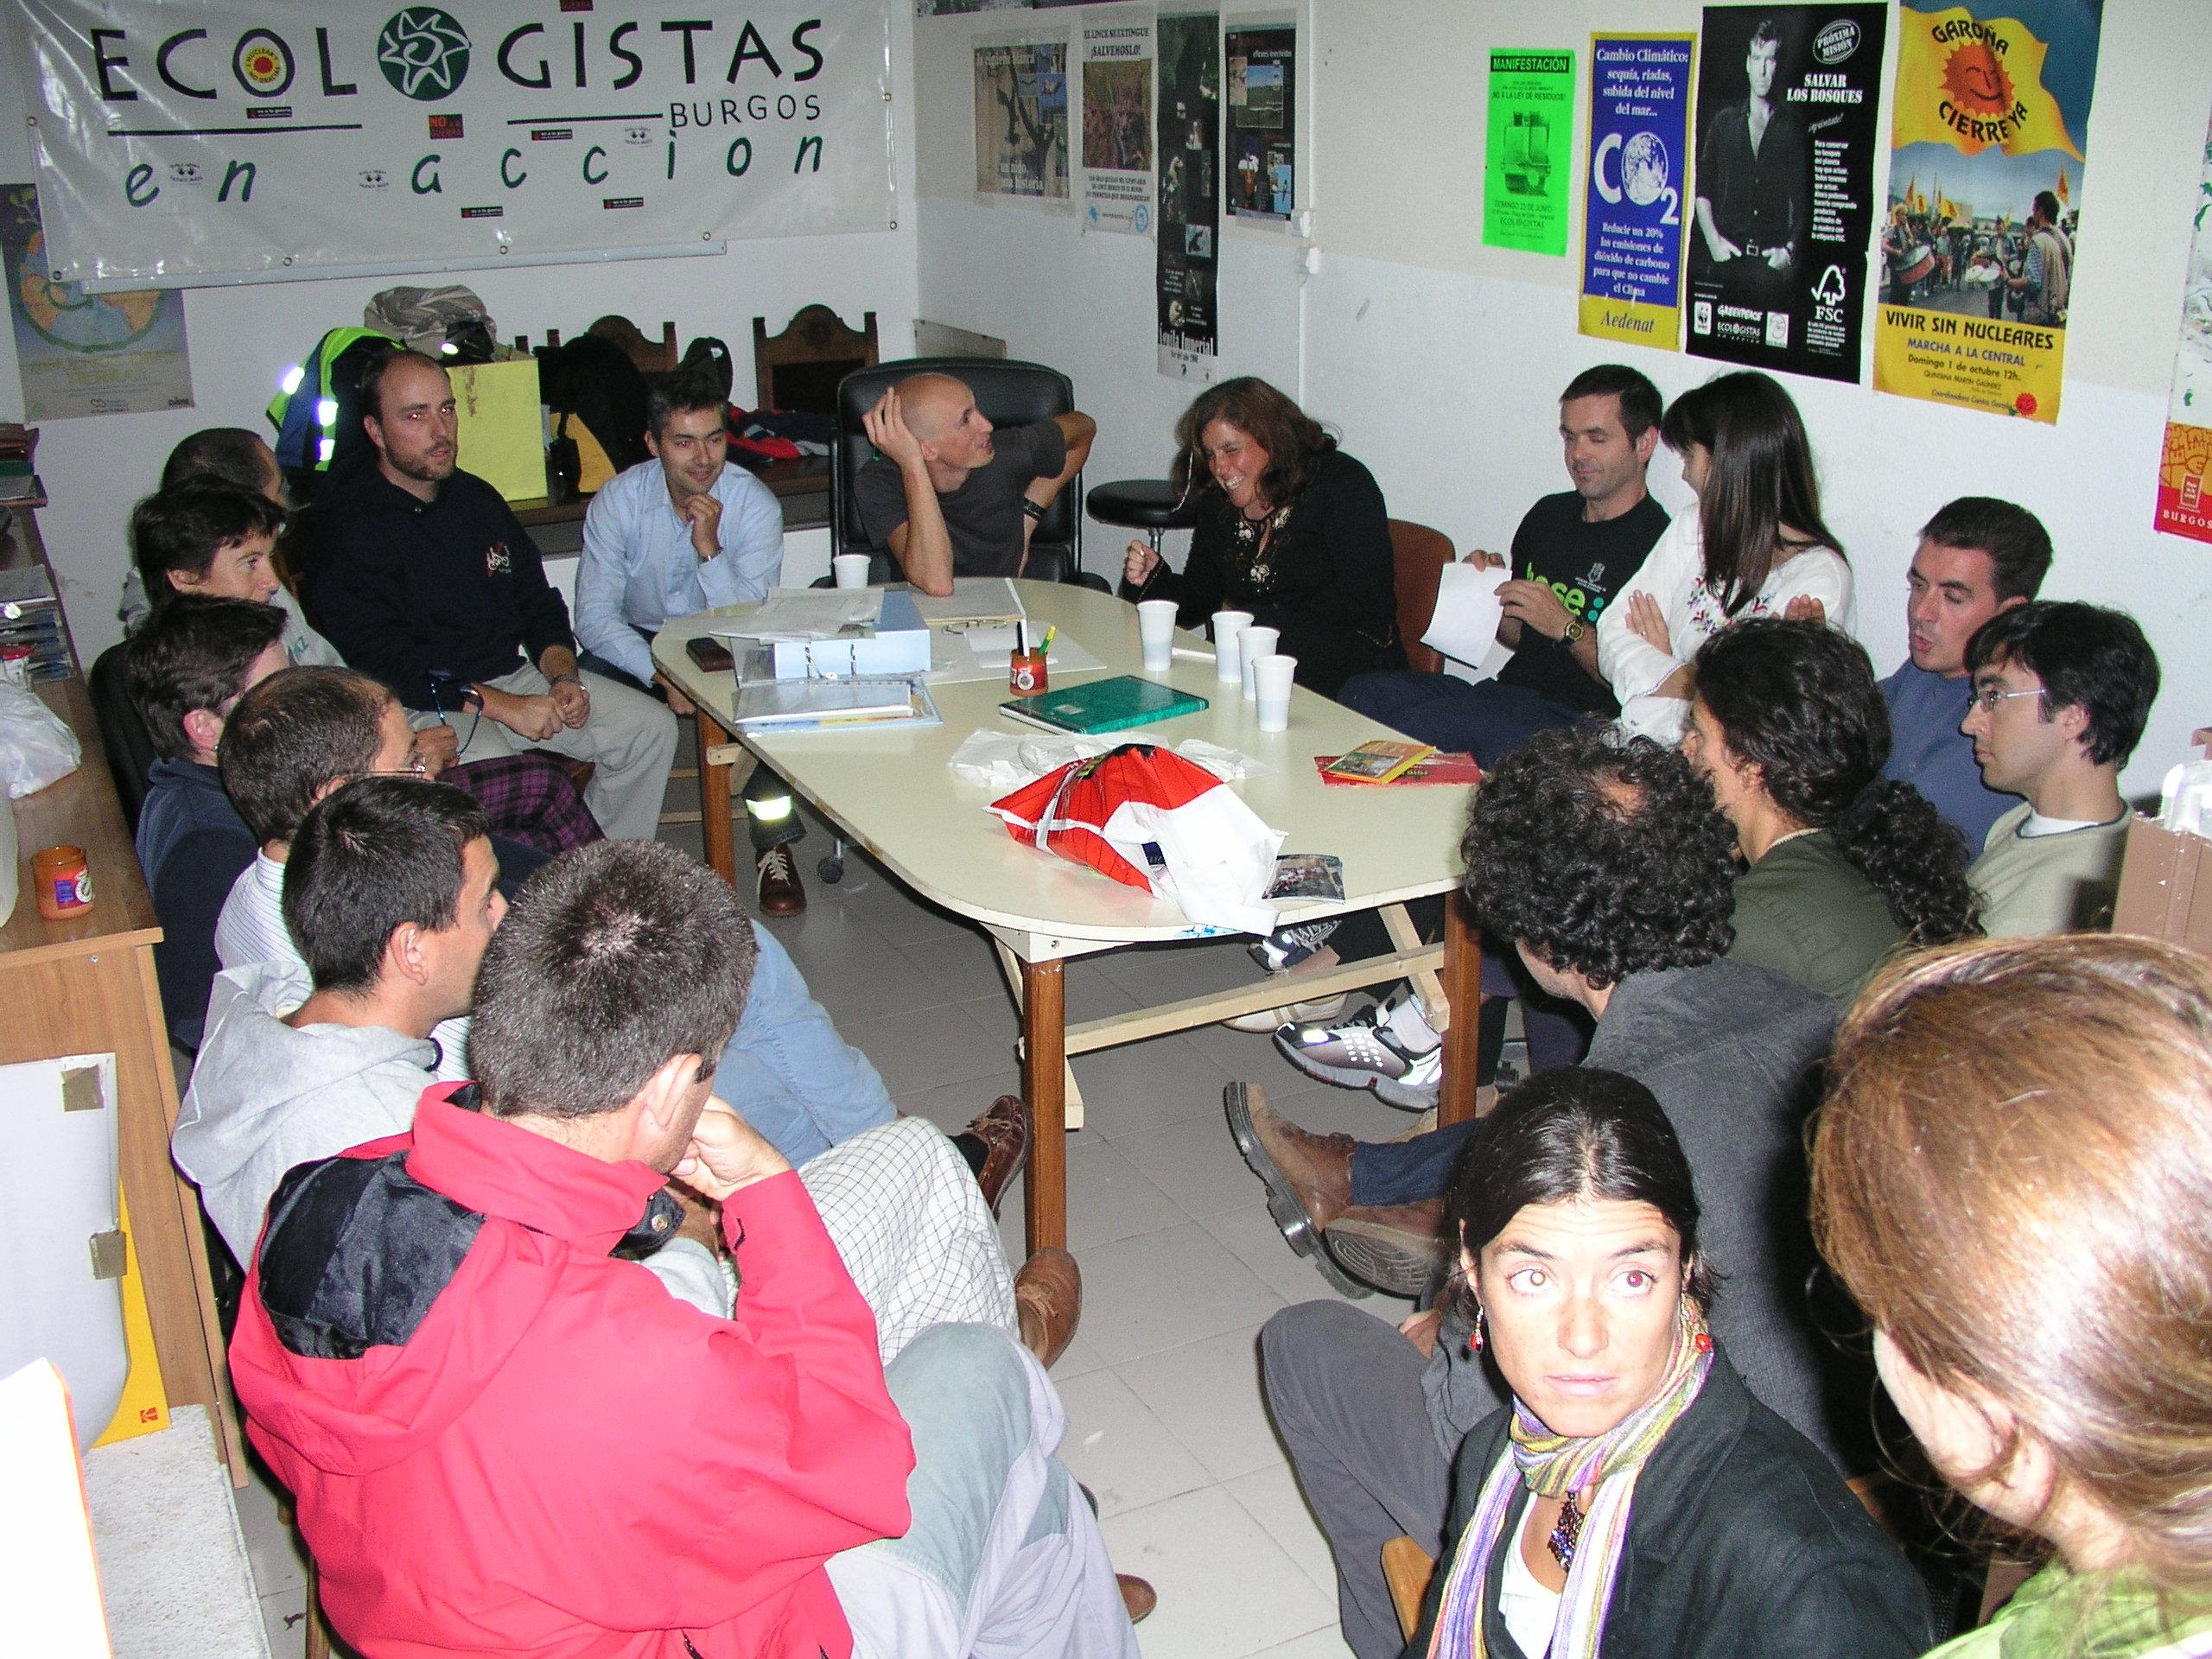 Año 2003 Reunión de Burgos Con Bici en el Local de Ecologistas